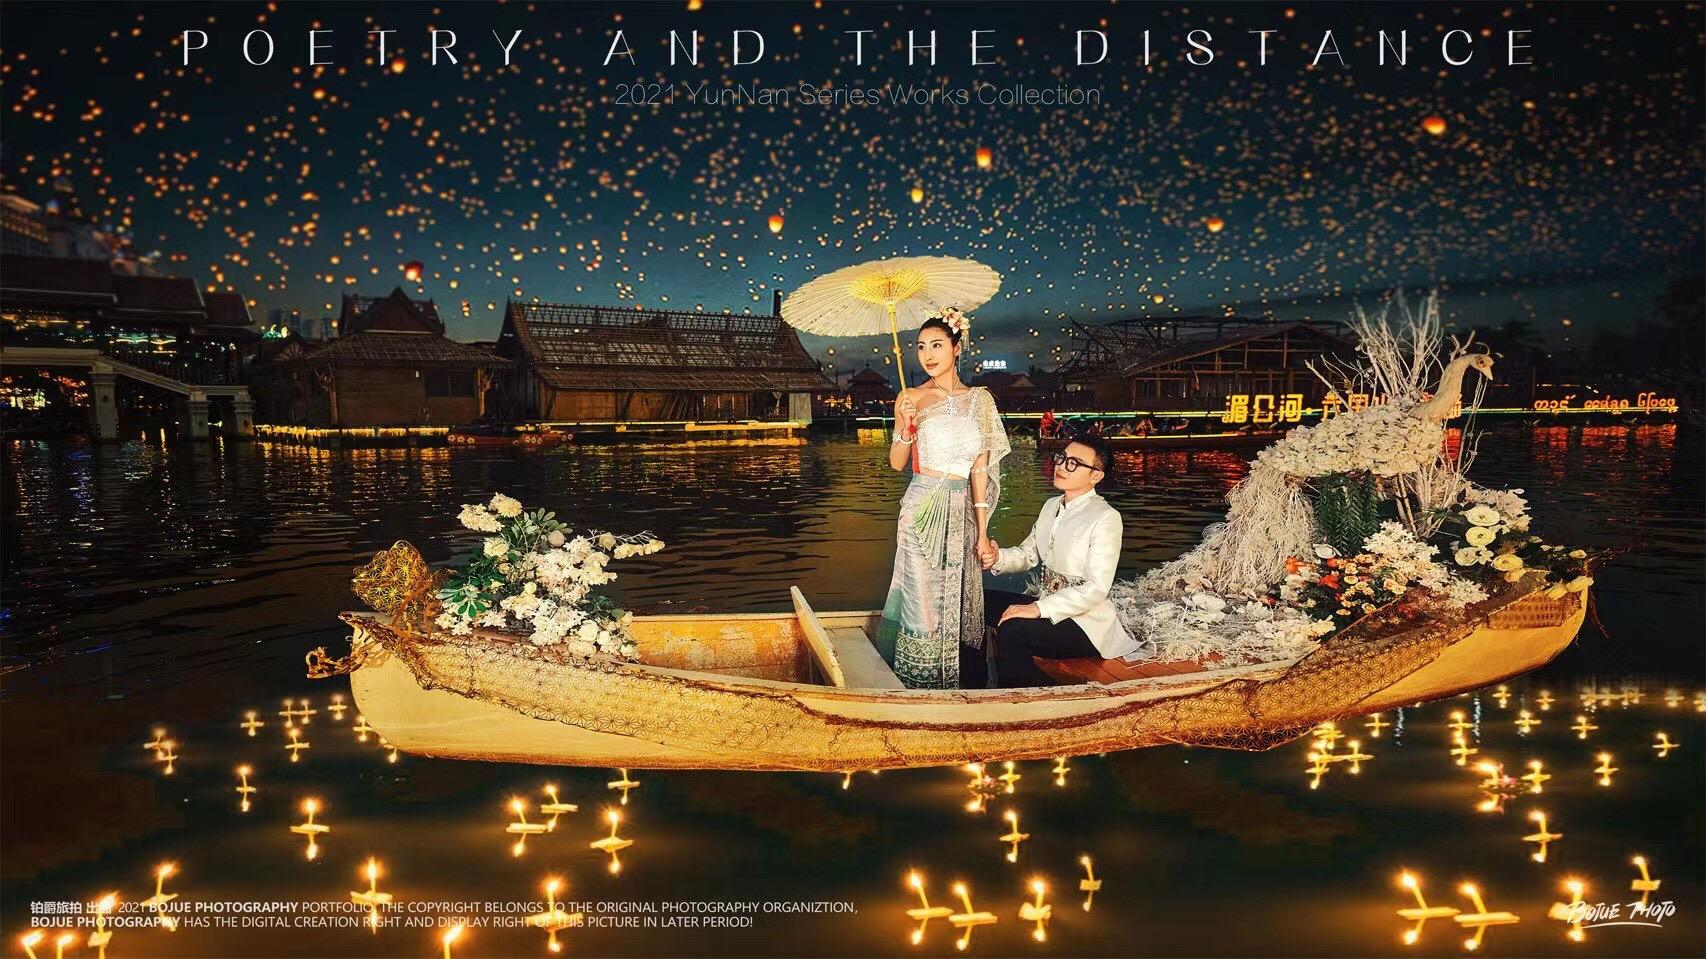 西双版纳旅拍婚纱照 很幸运遇到铂爵旅拍这么优秀的摄影团队